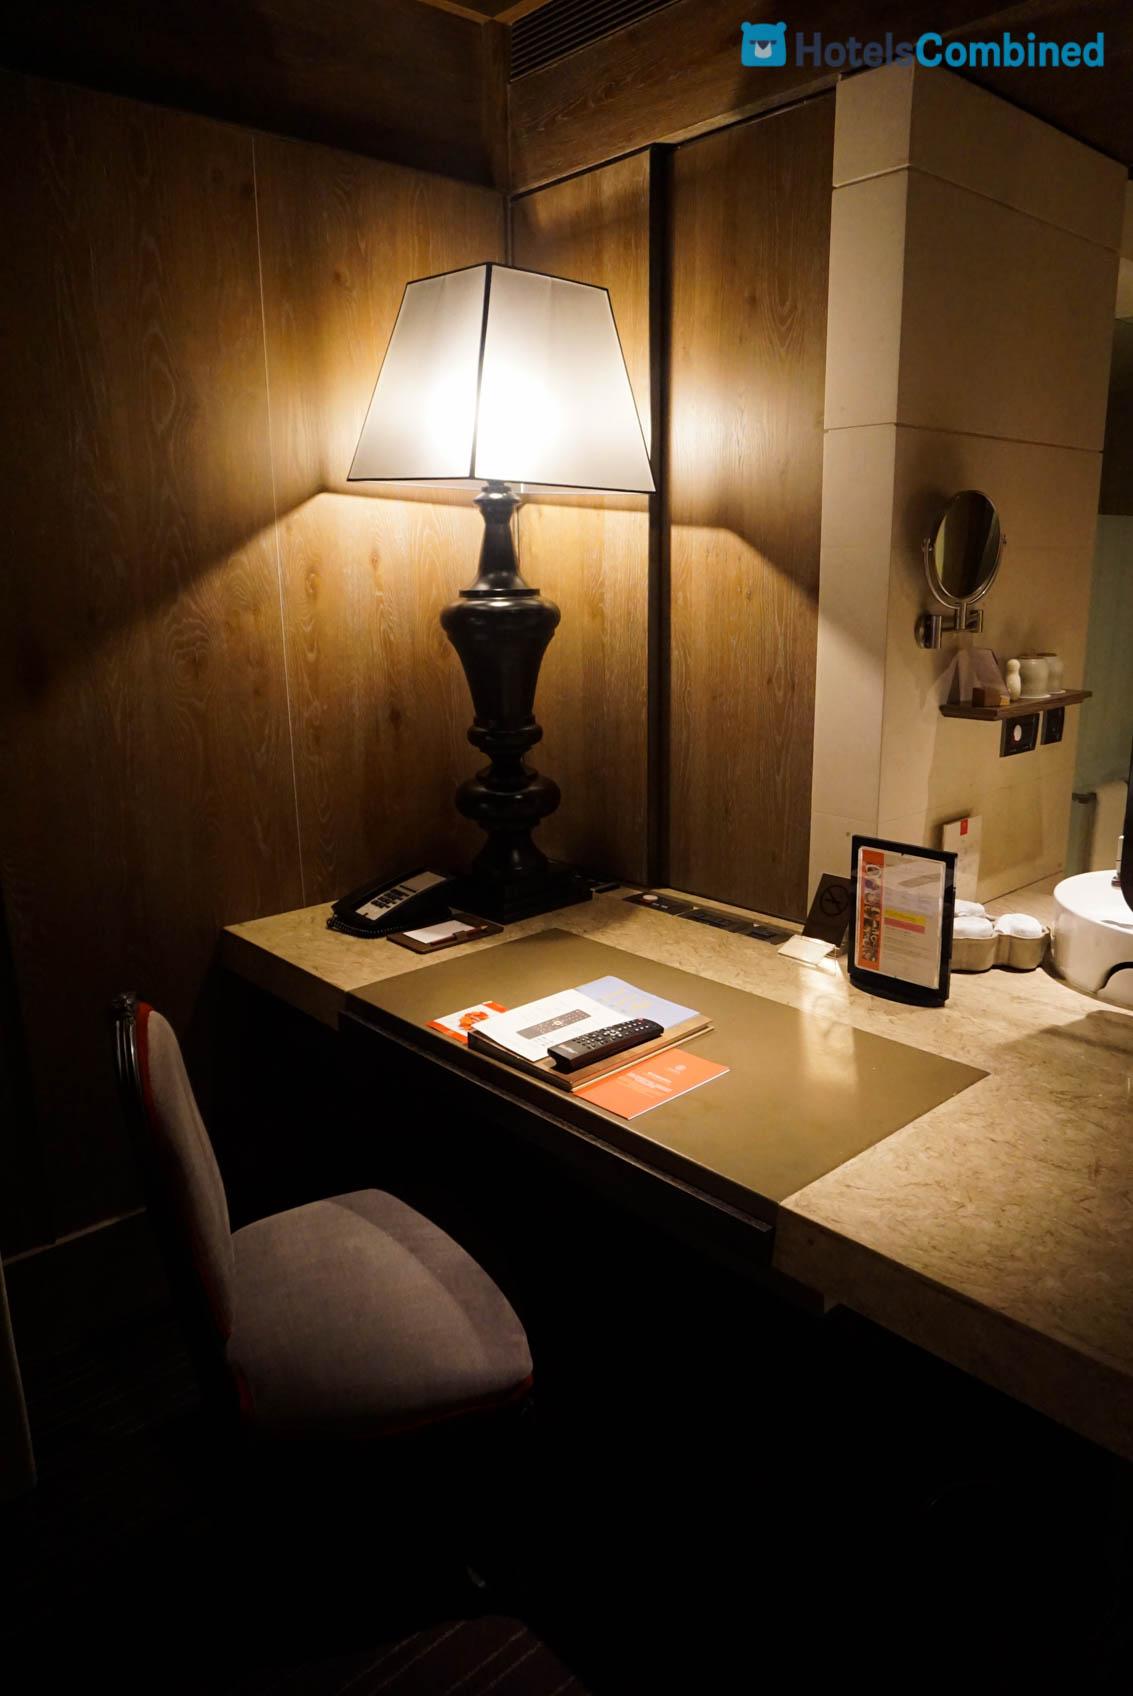 โต๊ะทำงาน พร้อมแผงควบคุมเปิด - ปิด ไฟต่างๆ